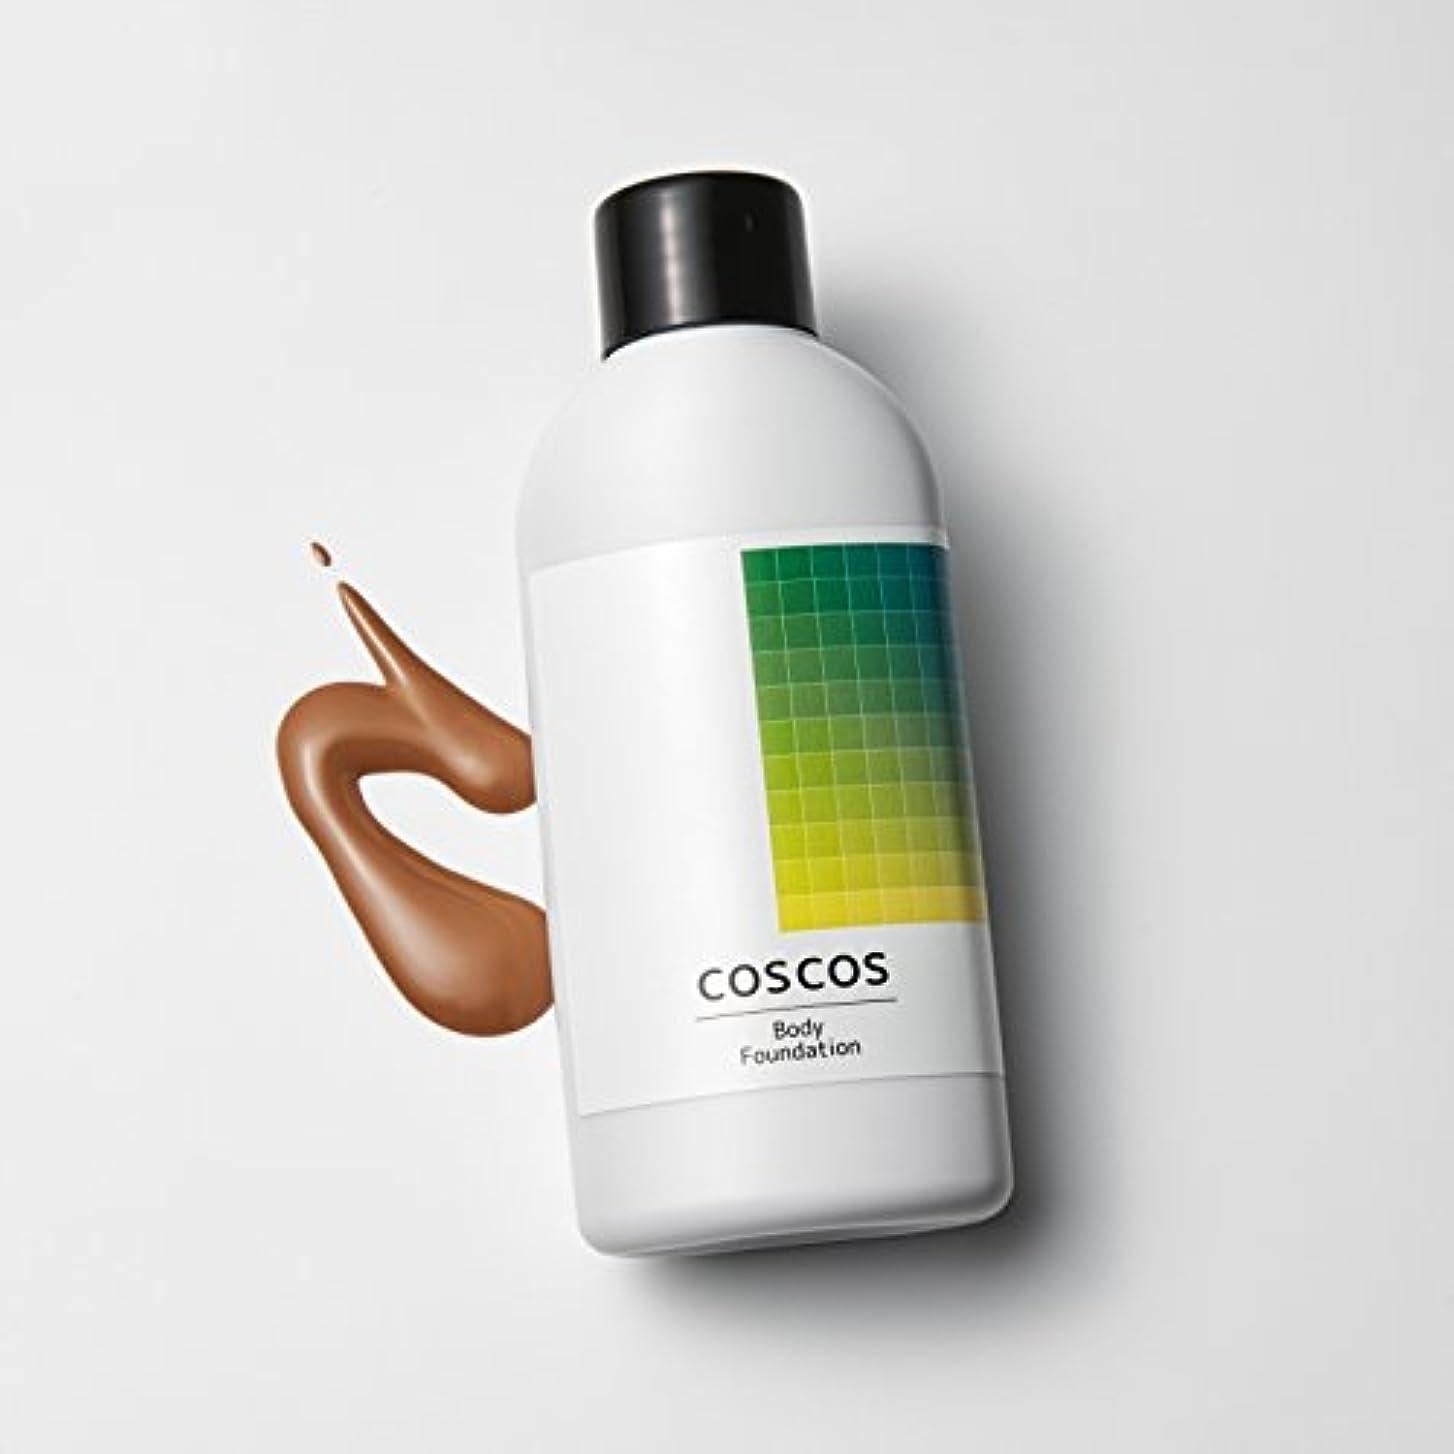 教義数人気のCOSCOS(コスコス) ボディファンデーション(褐色肌/BR01) H